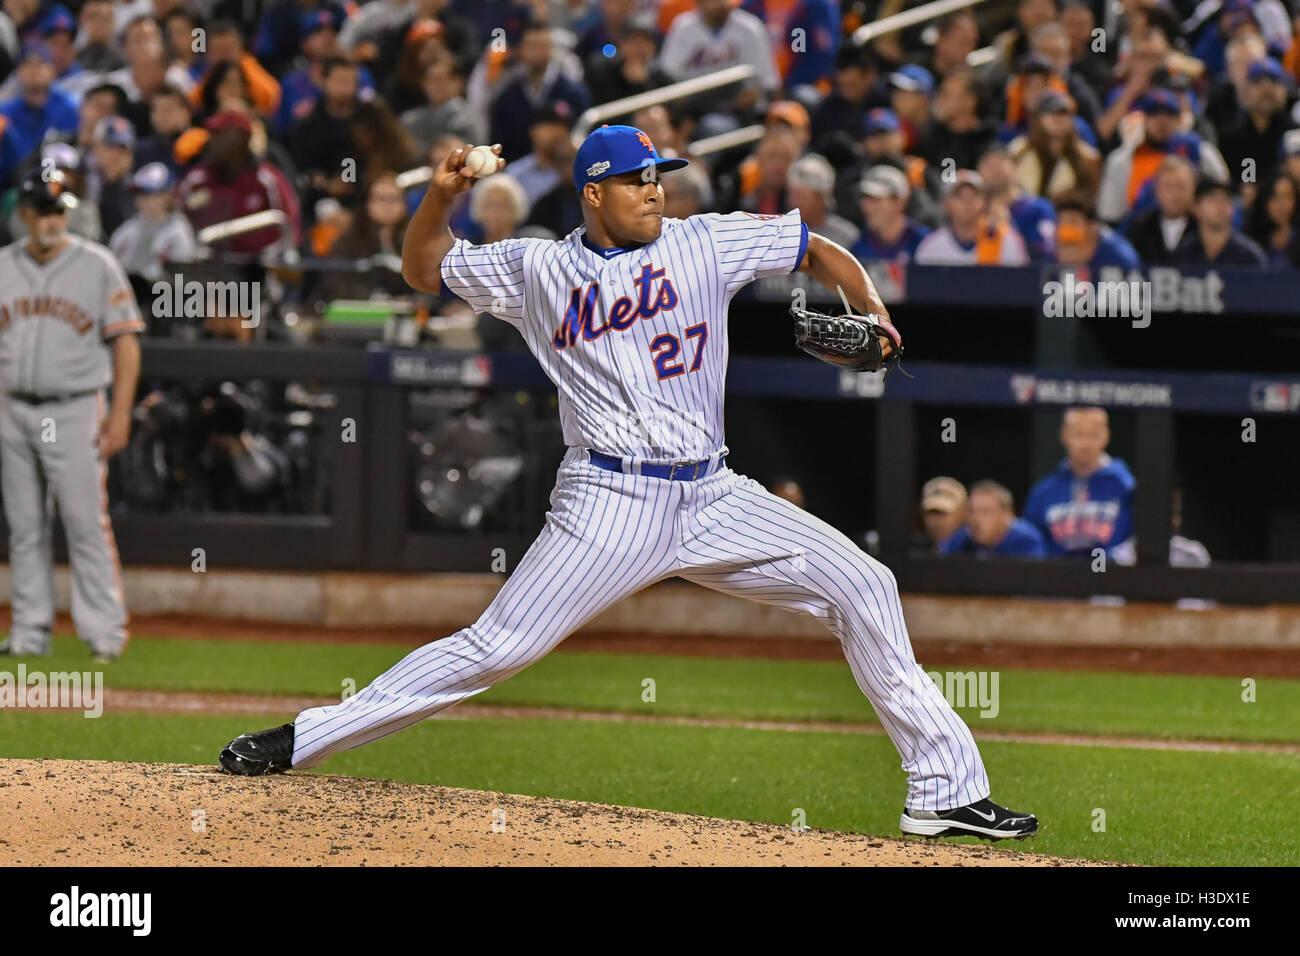 Flushing, New York, USA. 5. Oktober 2016. Jeurys Familia (Mets) MLB: Jeurys Familia der New York Mets Stellplätze Stockbild